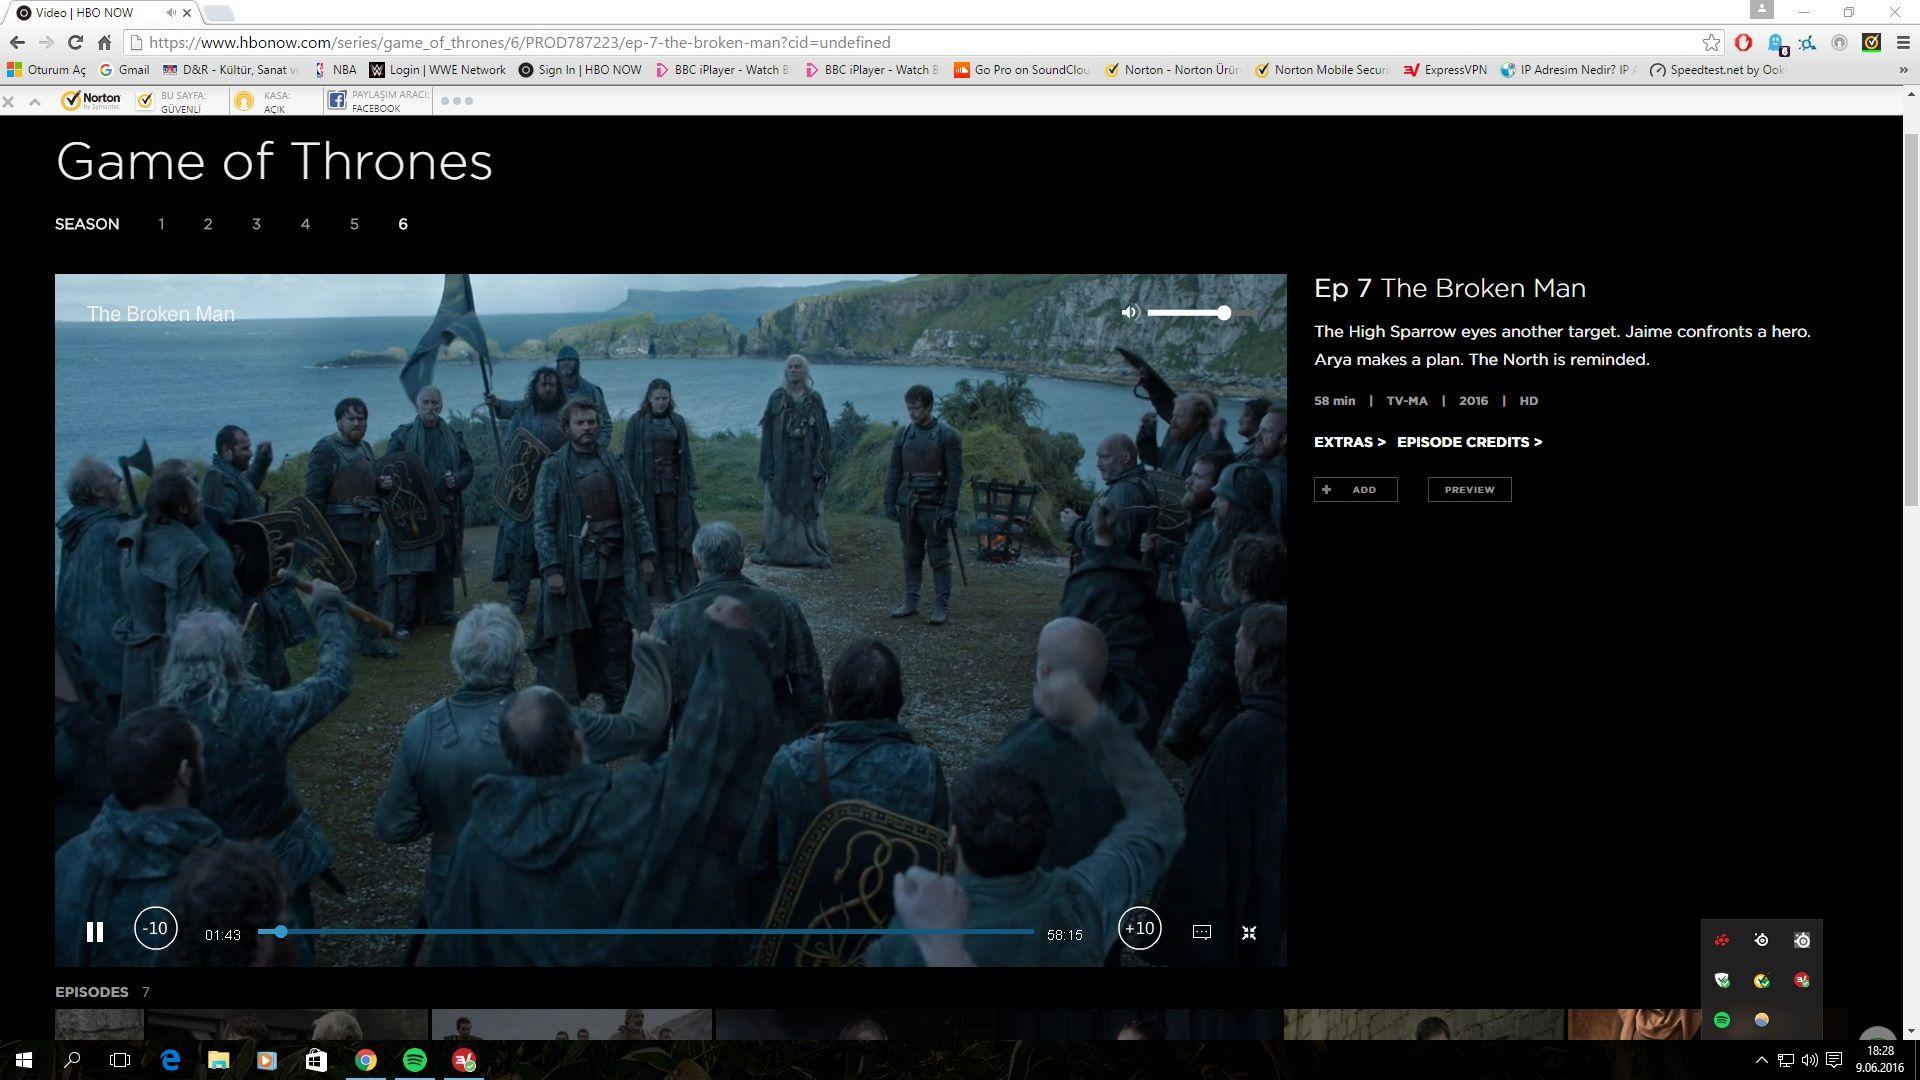 Game Of Thronesu Artık Nereden Izleyebiliriz Technopat Sosyal